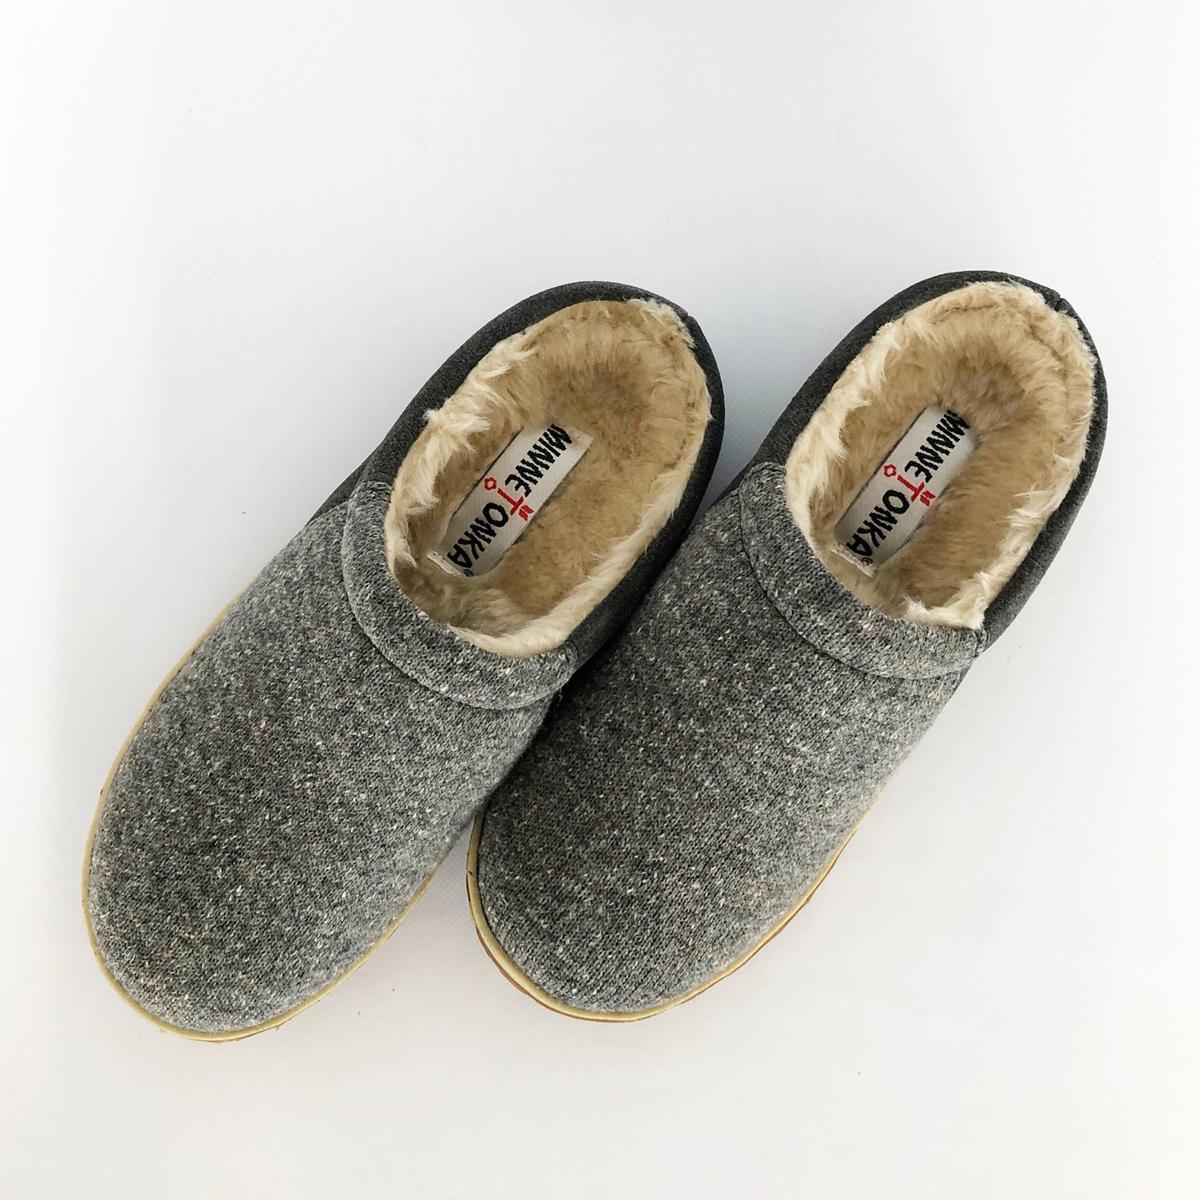 【ミネトンカ 公式】MINNETONKA レディースシューズ ブーツ コーデ サイズ 防寒 暖かい 歩きやすい おしゃれ ママシューズ 30代 40代 TAHOE 40130